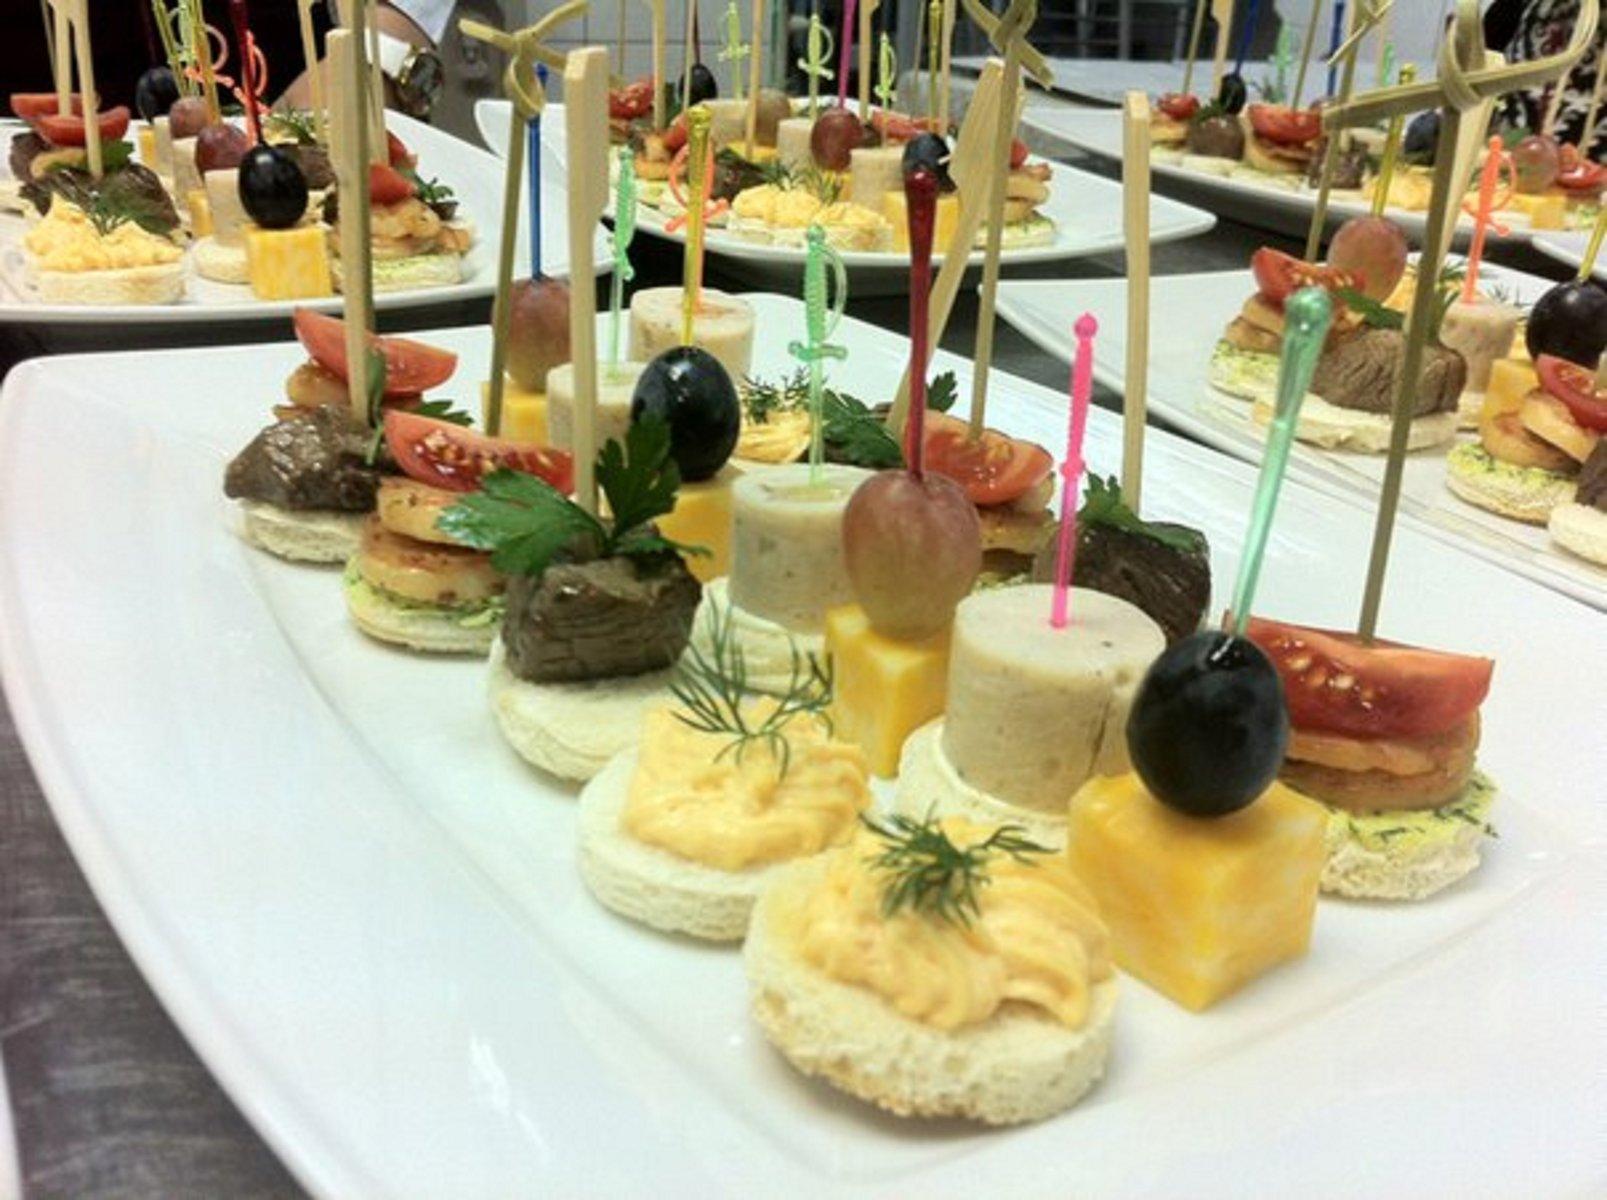 также ресторан куганак г стерлитамак меню с фото сад, первый